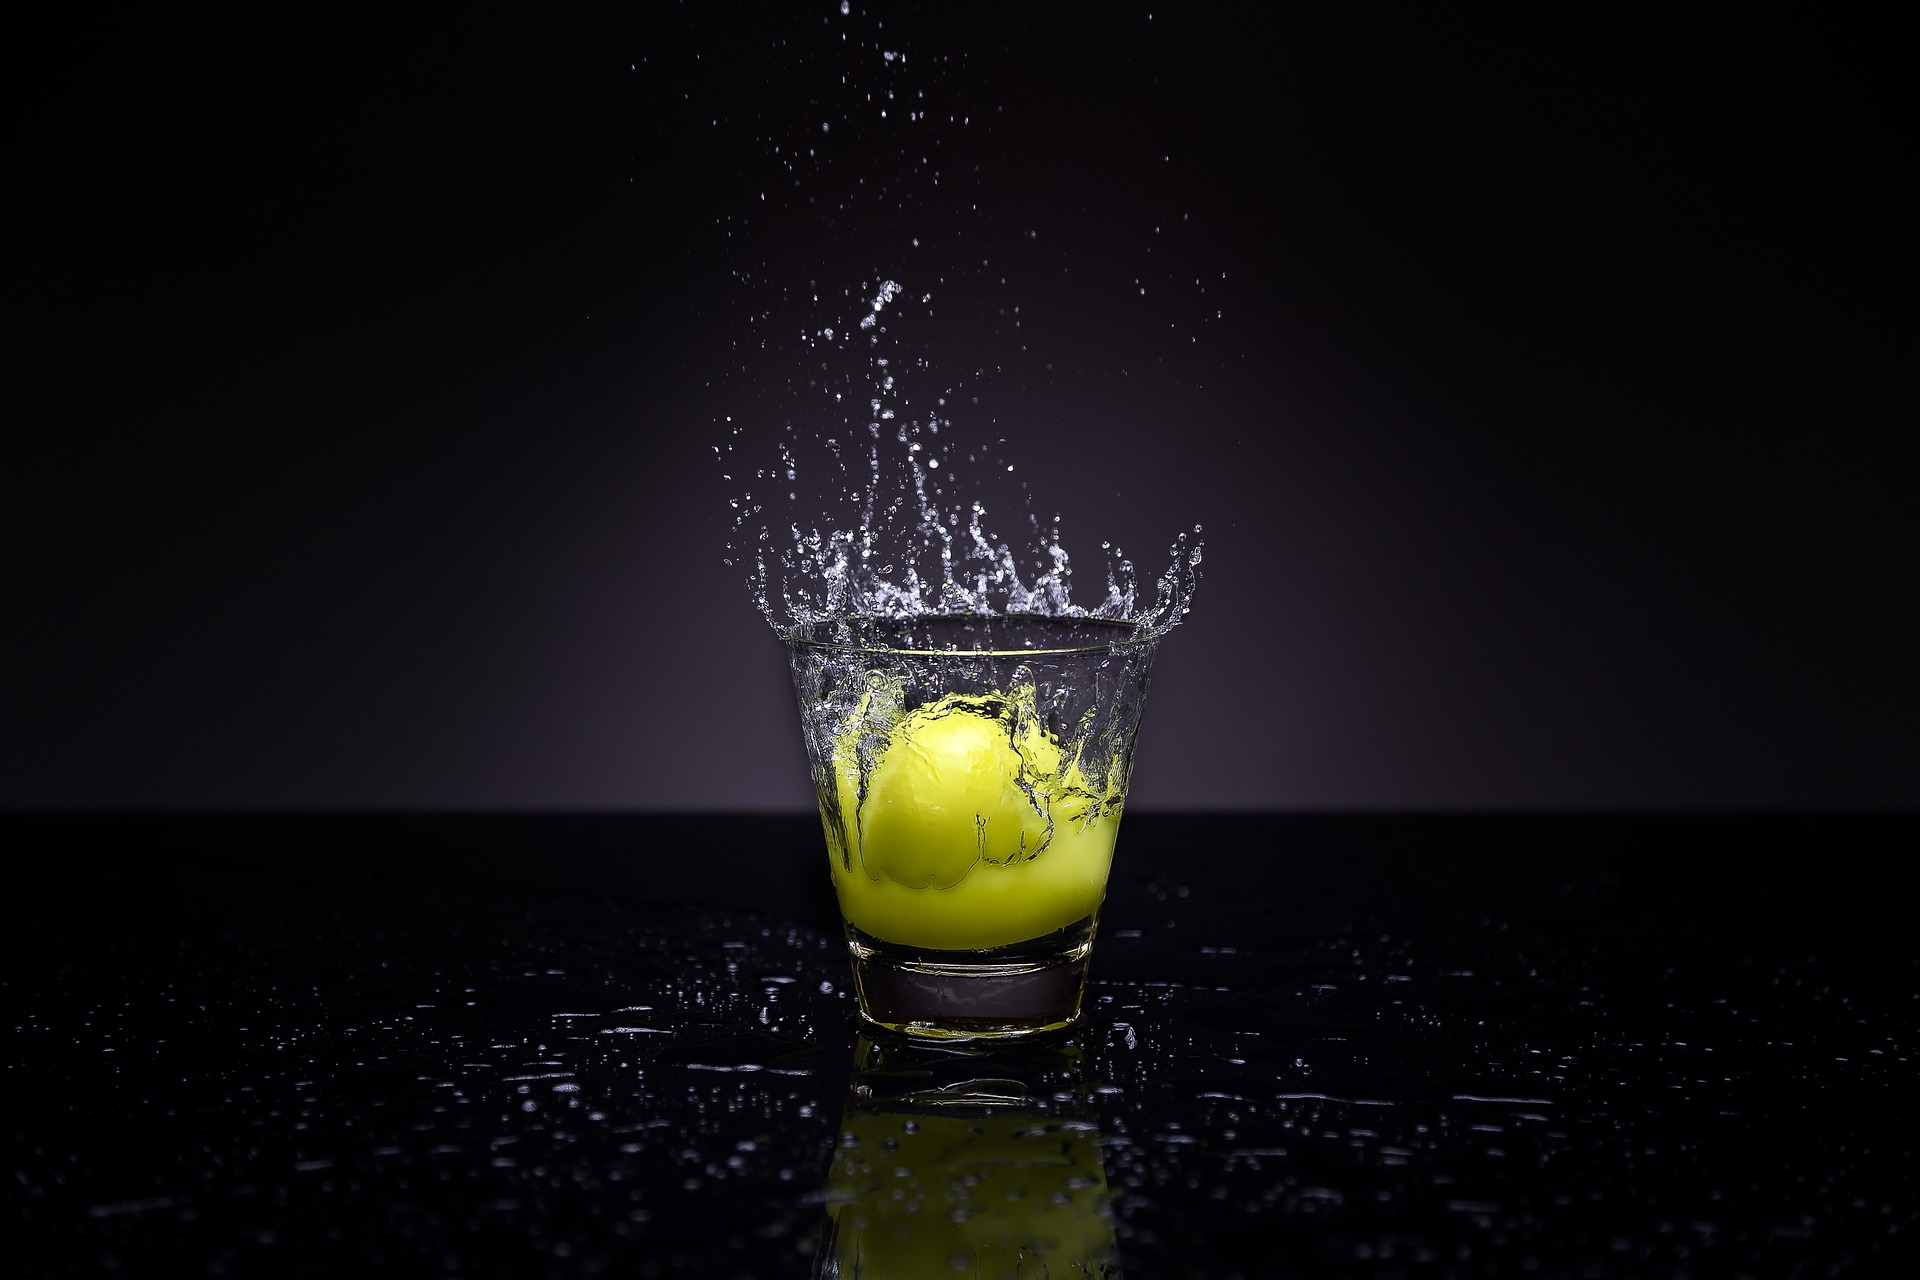 воды, стекло, Лимон, капли, всплеск - Обои HD - Профессор falken.com